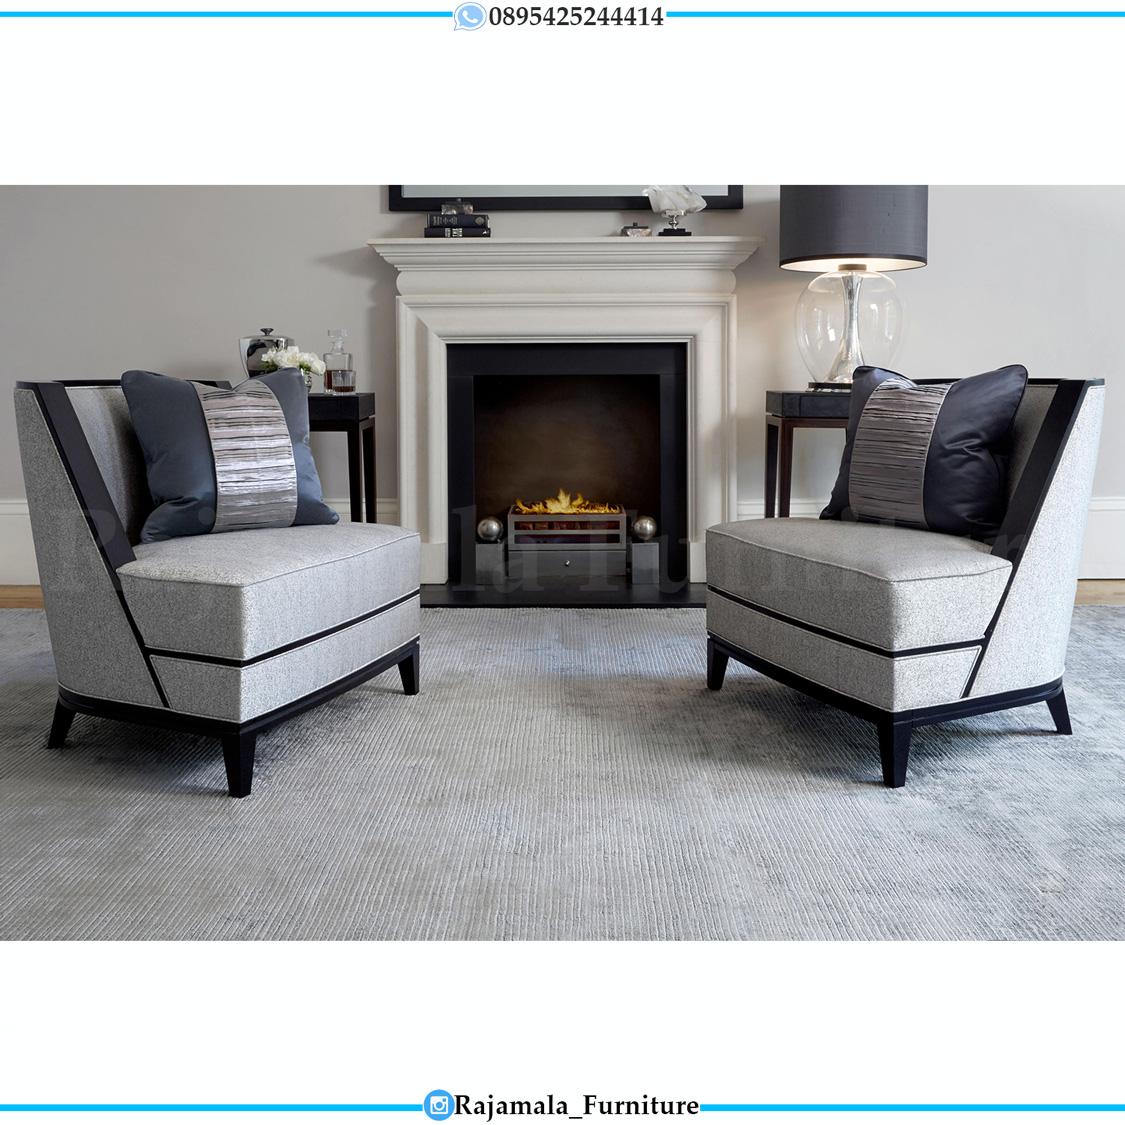 Kursi Teras Minimalis Terbaru Furniture Jepara Classic Luxury Style RM-0536